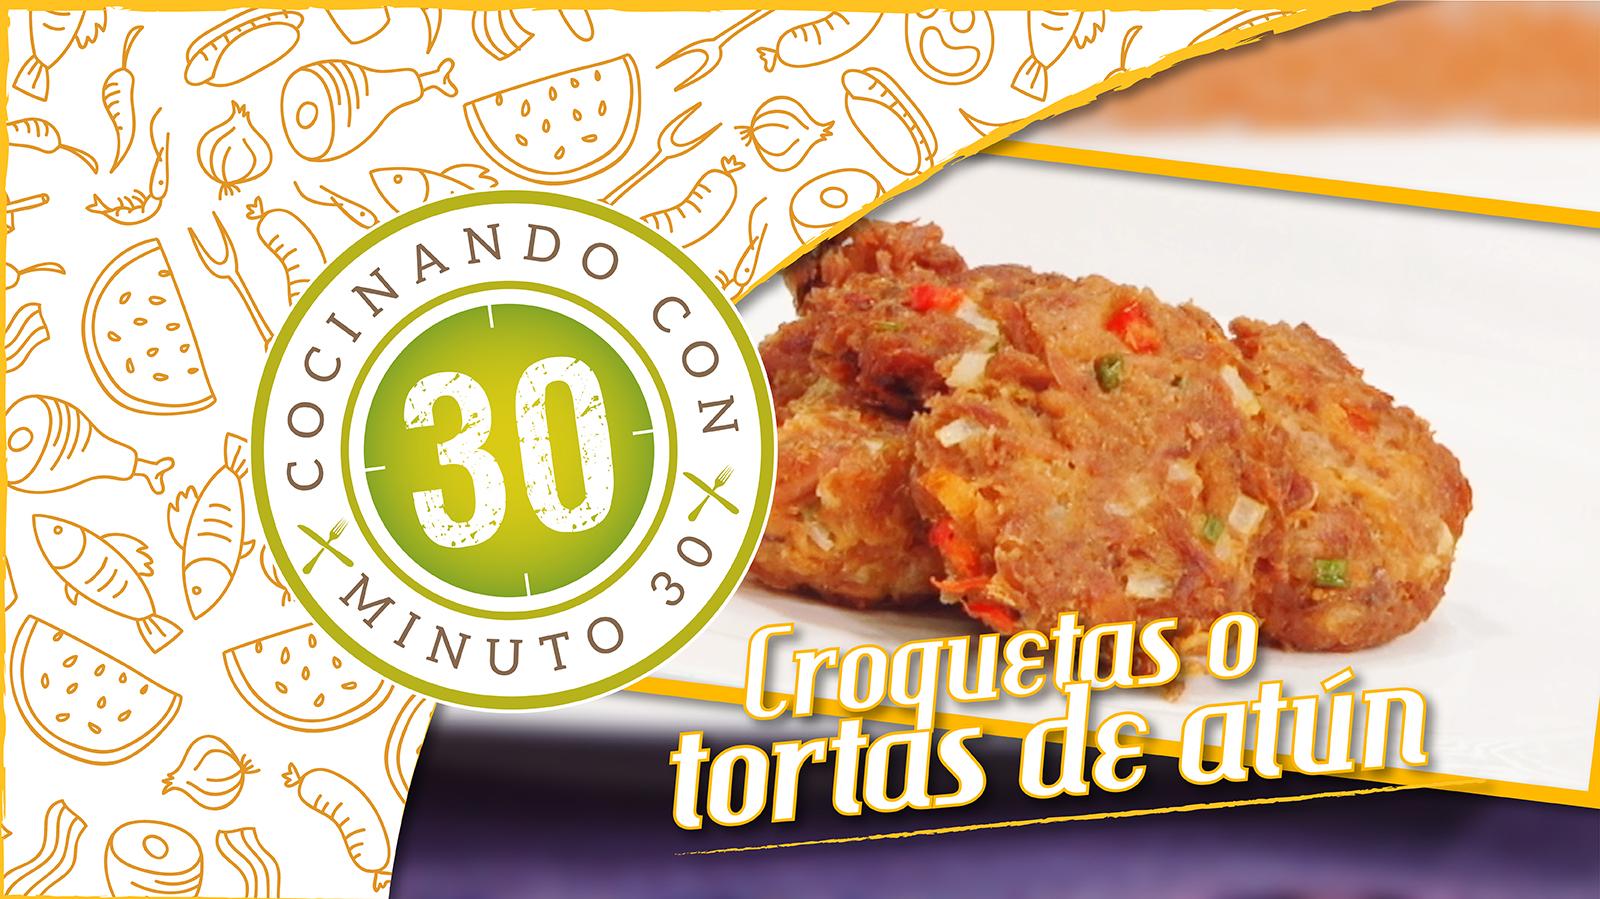 CROQUETAS O TORTAS DE ATUN Mesa de trabajo 1